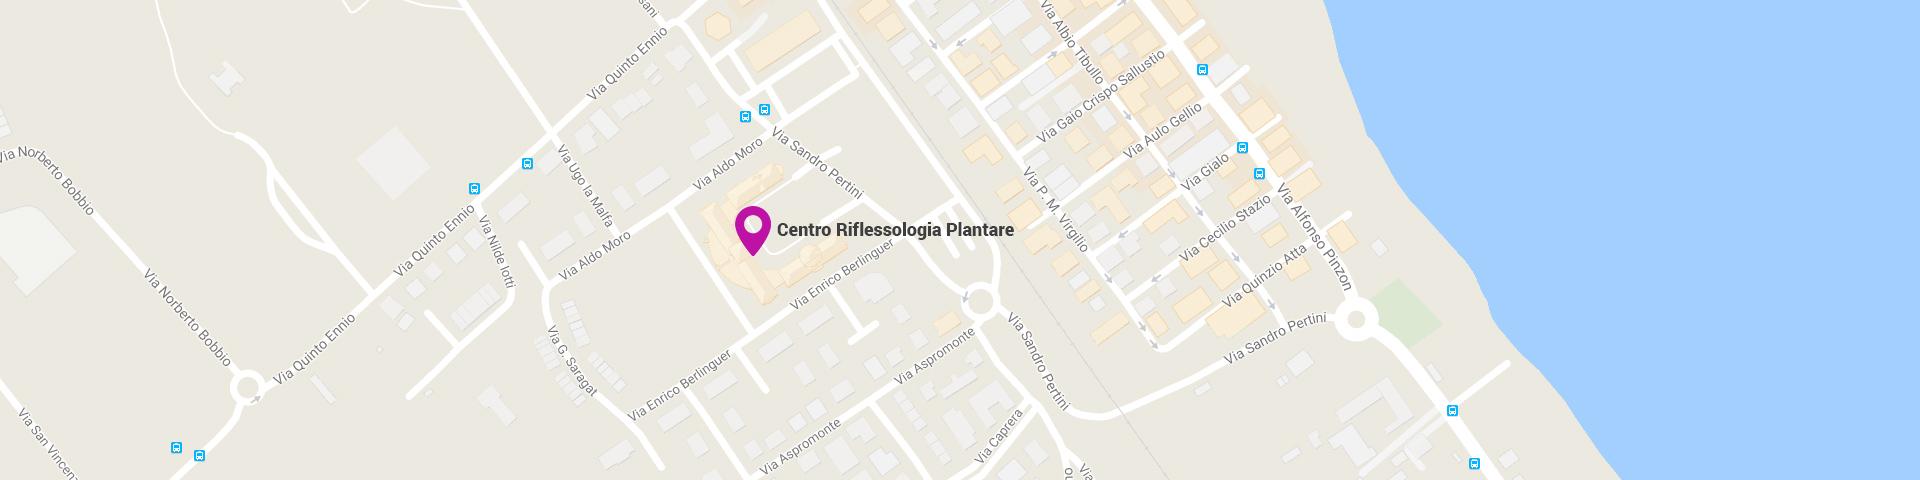 Dove Siamo | Centro Riflessologia Plantare